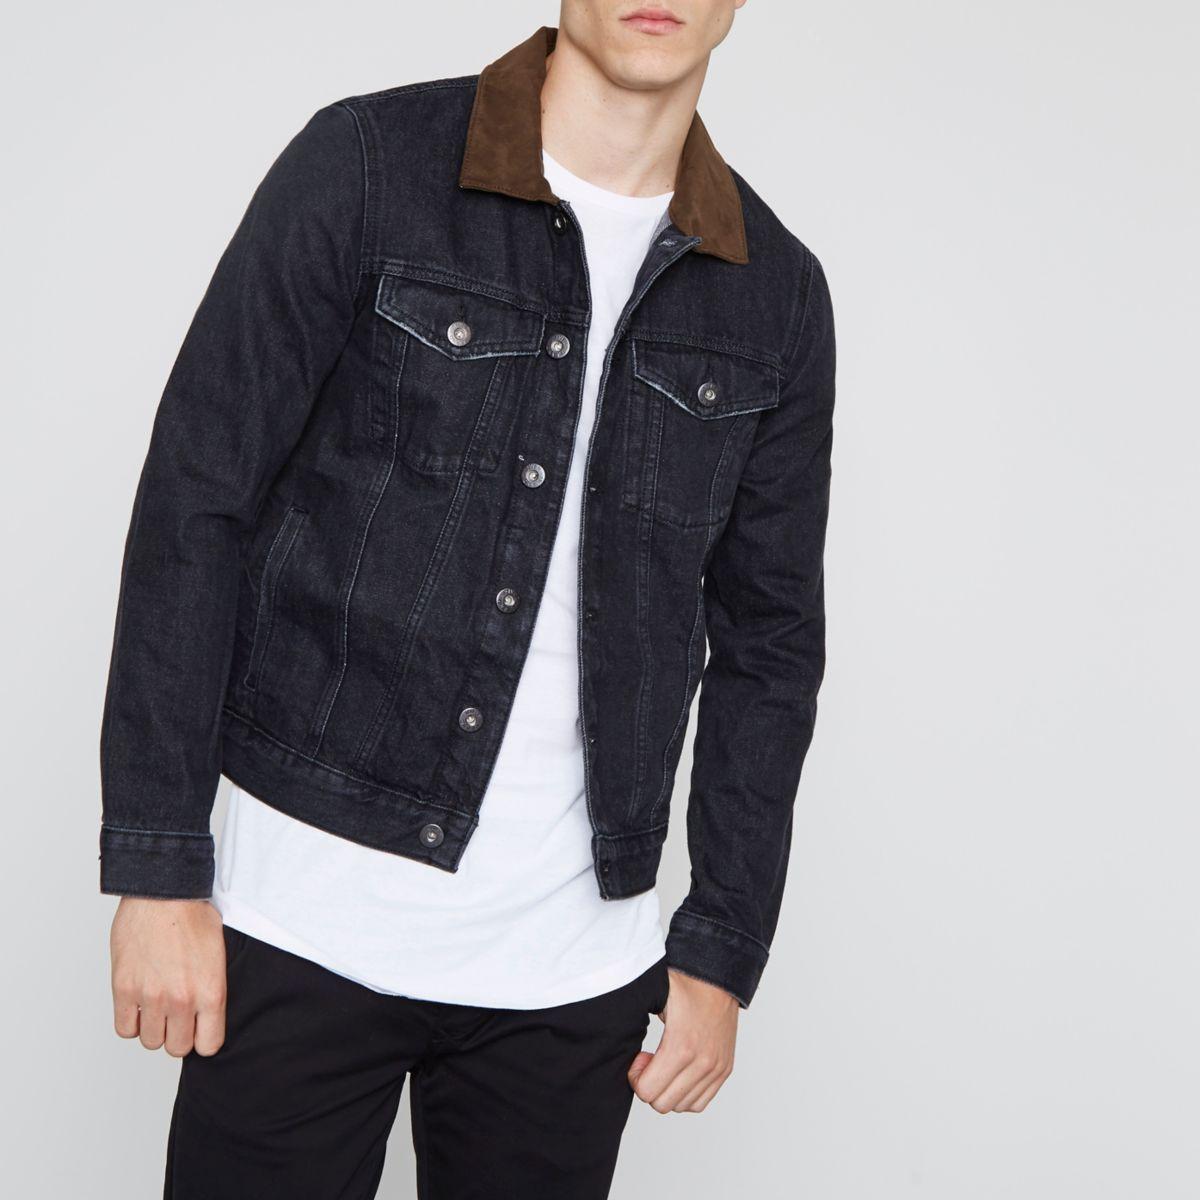 Schwarze Jeansjacke mit Kunstfellkragen